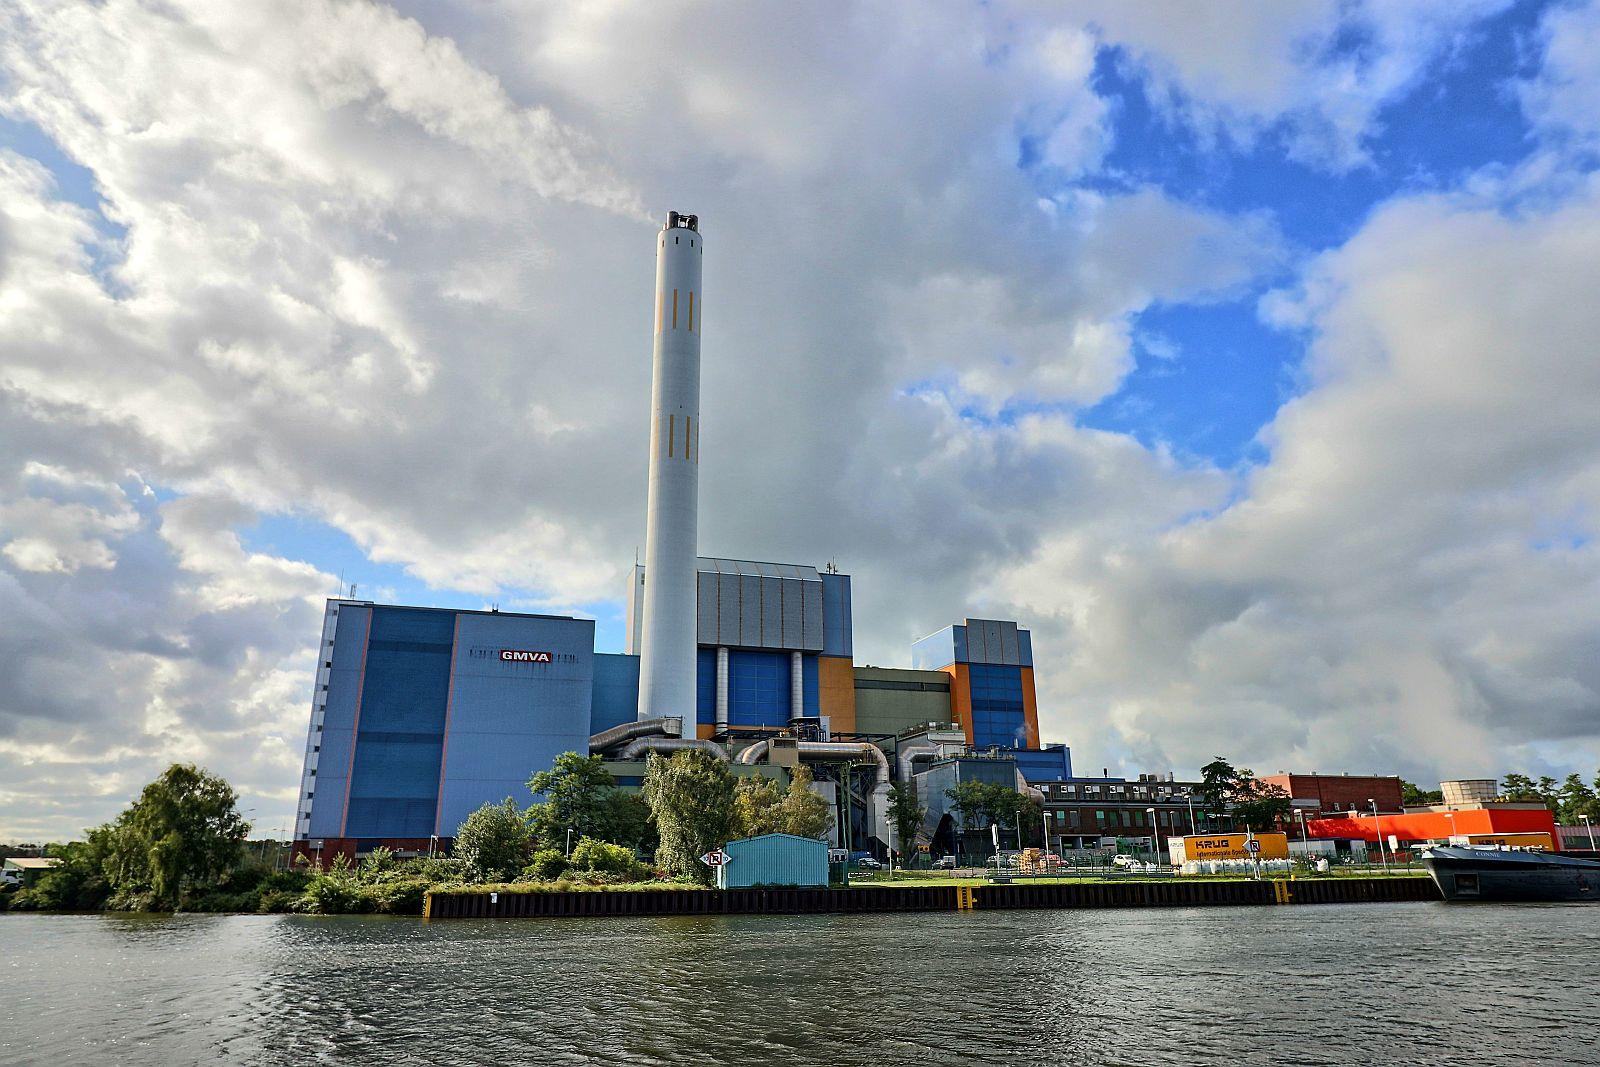 Gemeinschafts-Müll-Verbrennungsanlage Niederrhein 11_1_k10